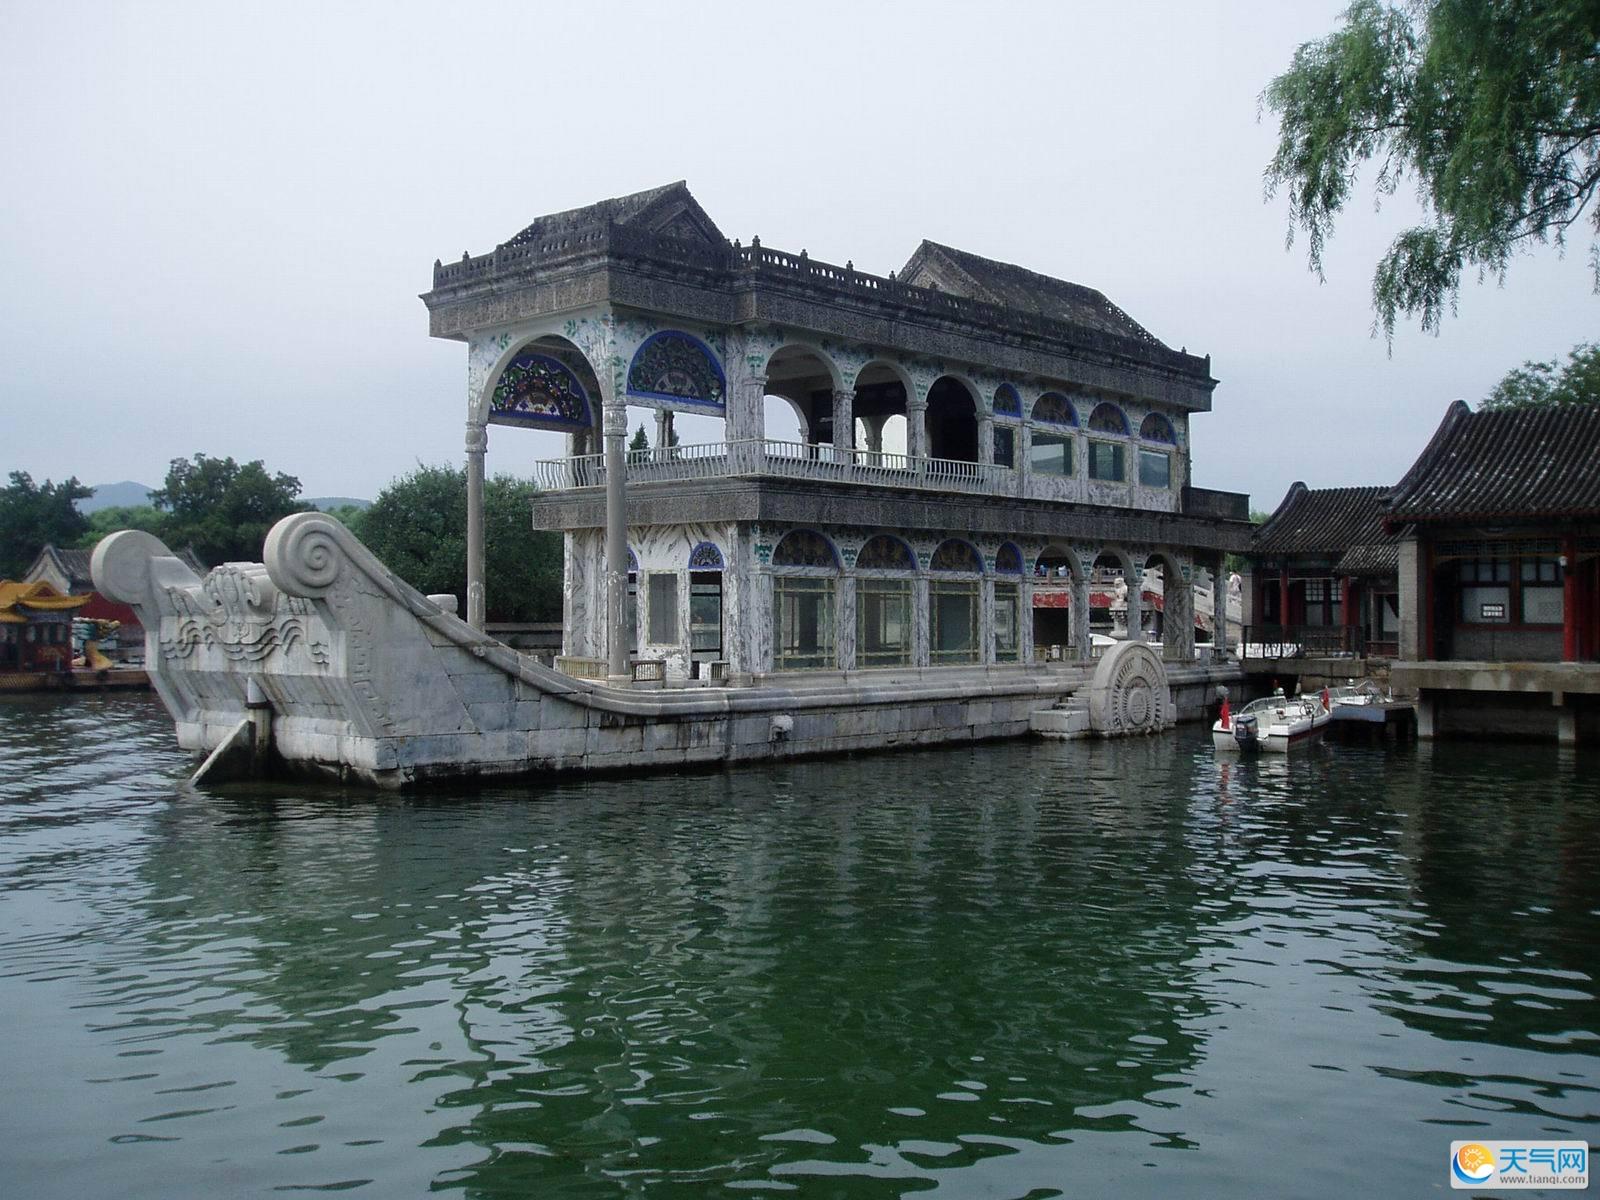 风景 古镇 建筑 景观 旅游 摄影 亭 亭子 1600_1200